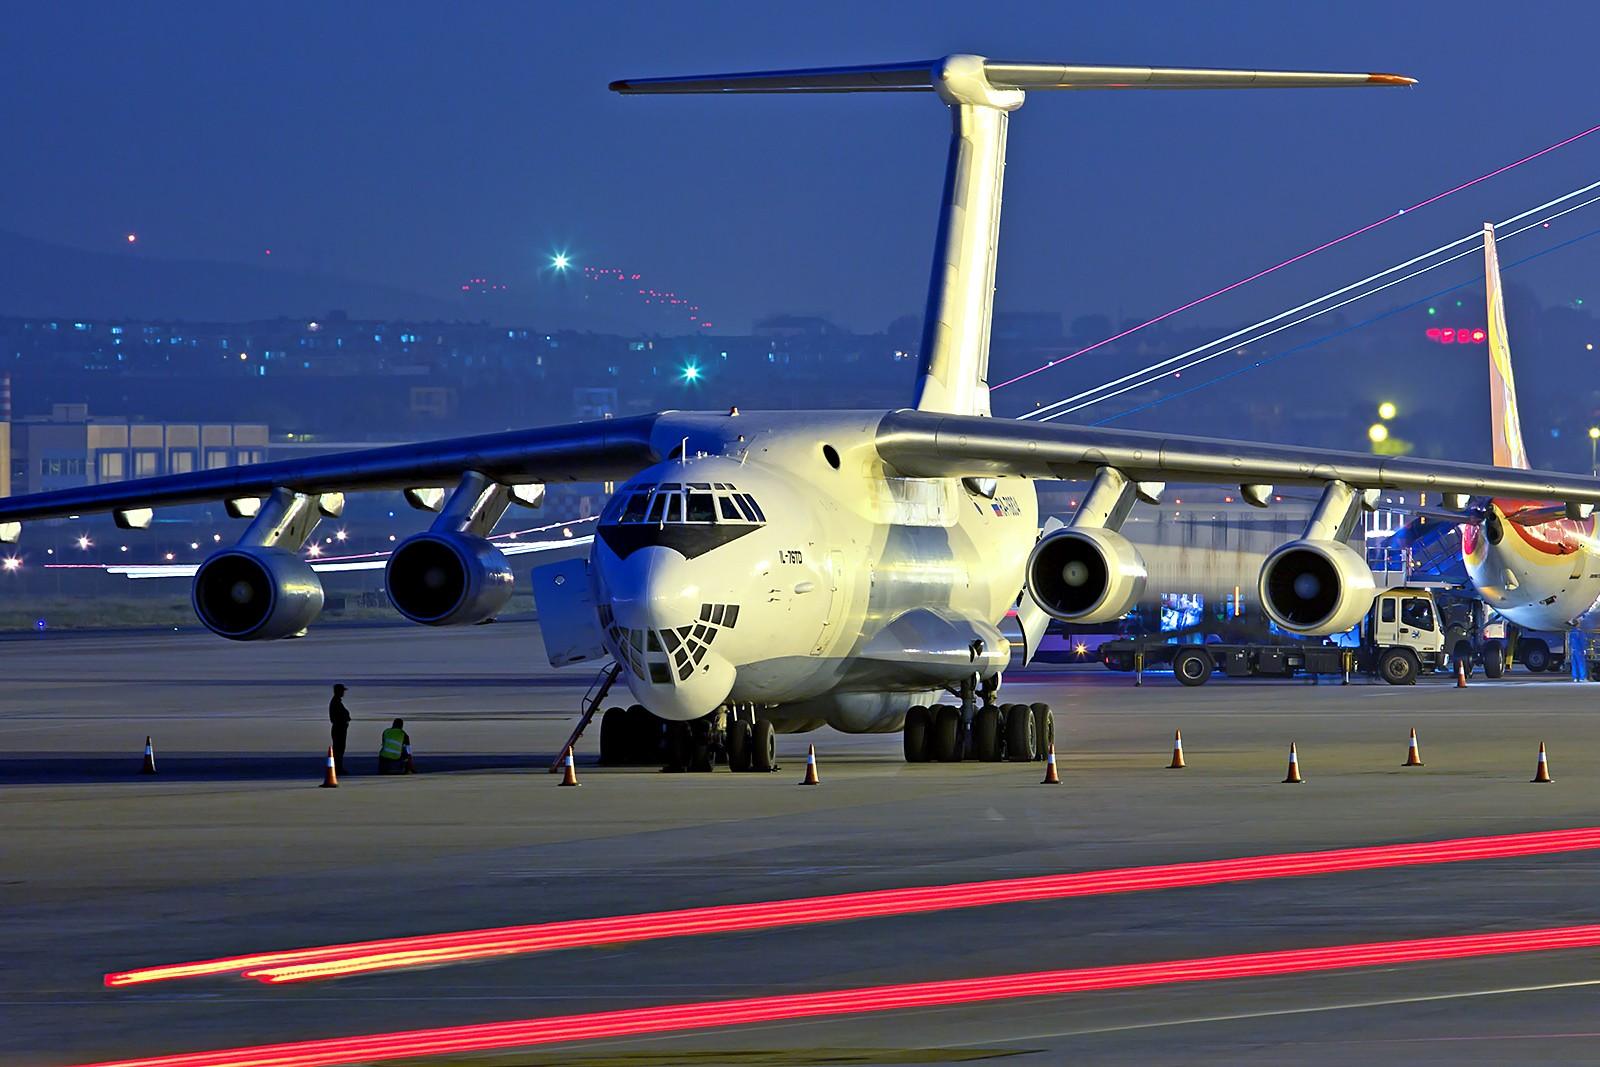 第一改�(9k�9��yd�yil_俄罗斯第二架ra-76834 il-76td,第一架ra-76834 il-76td于1997.01.